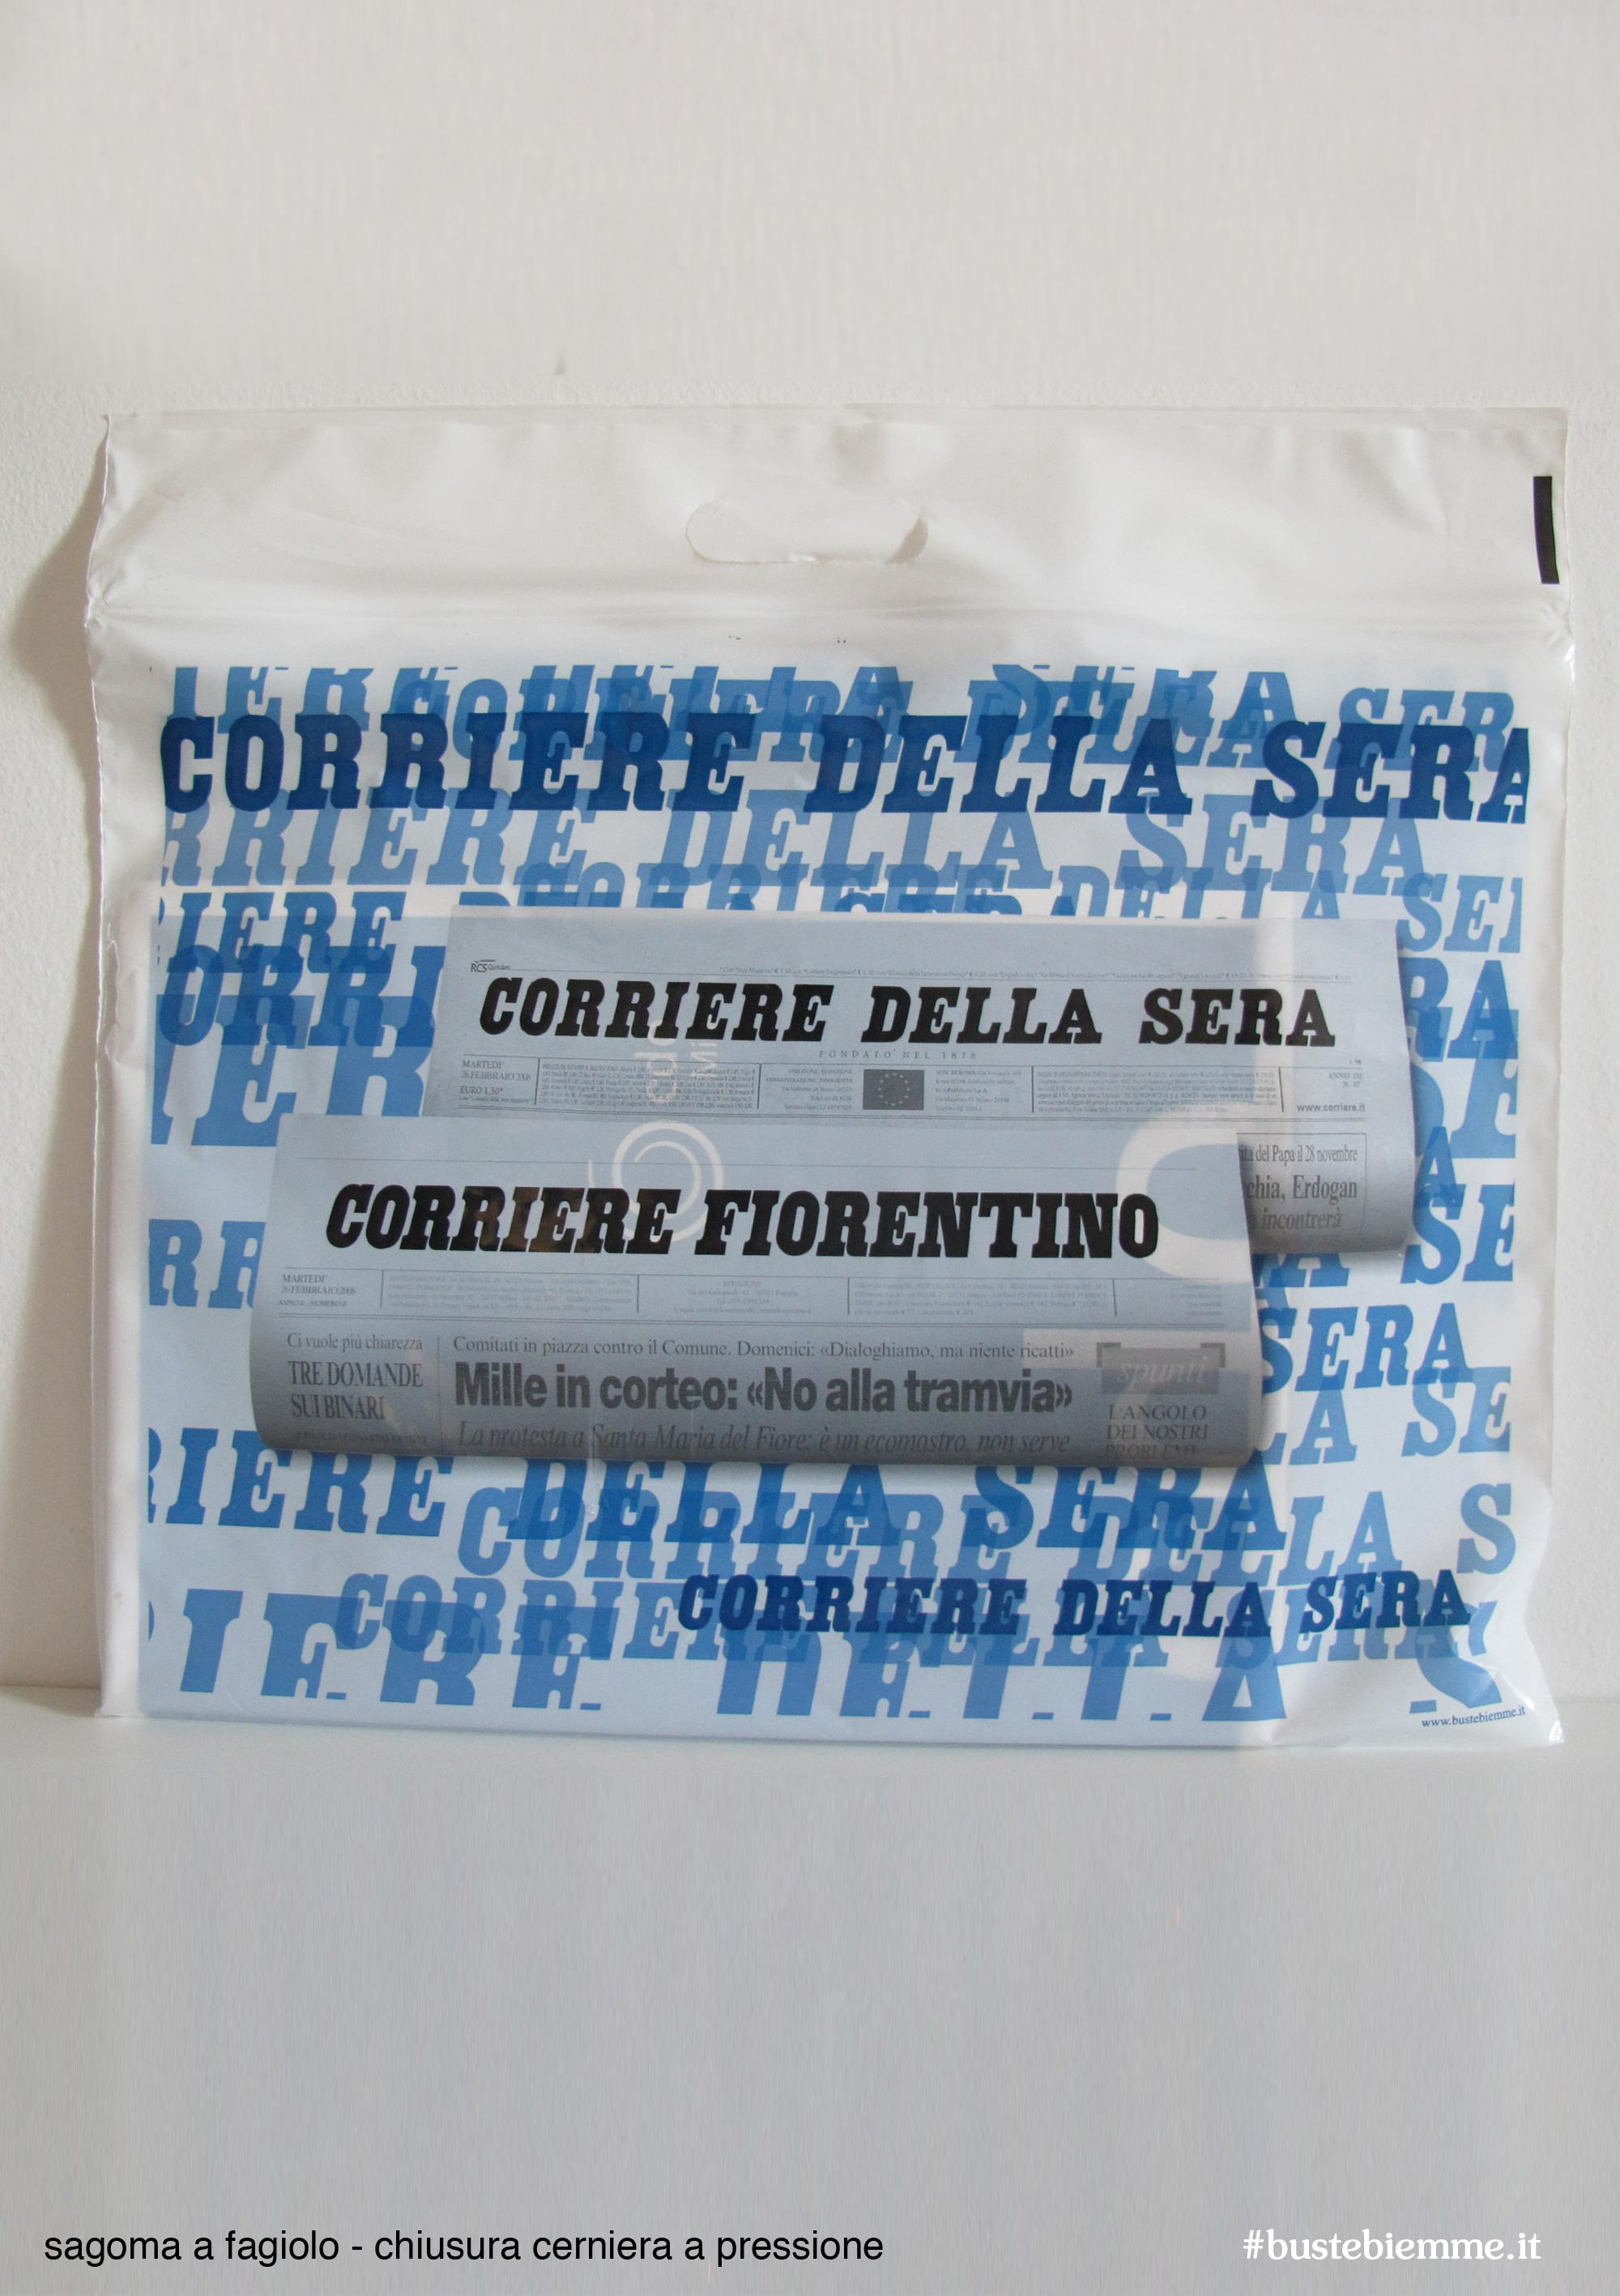 sacchetto in plastica personalizzato con chiusura a pressione e maniglia fustellata